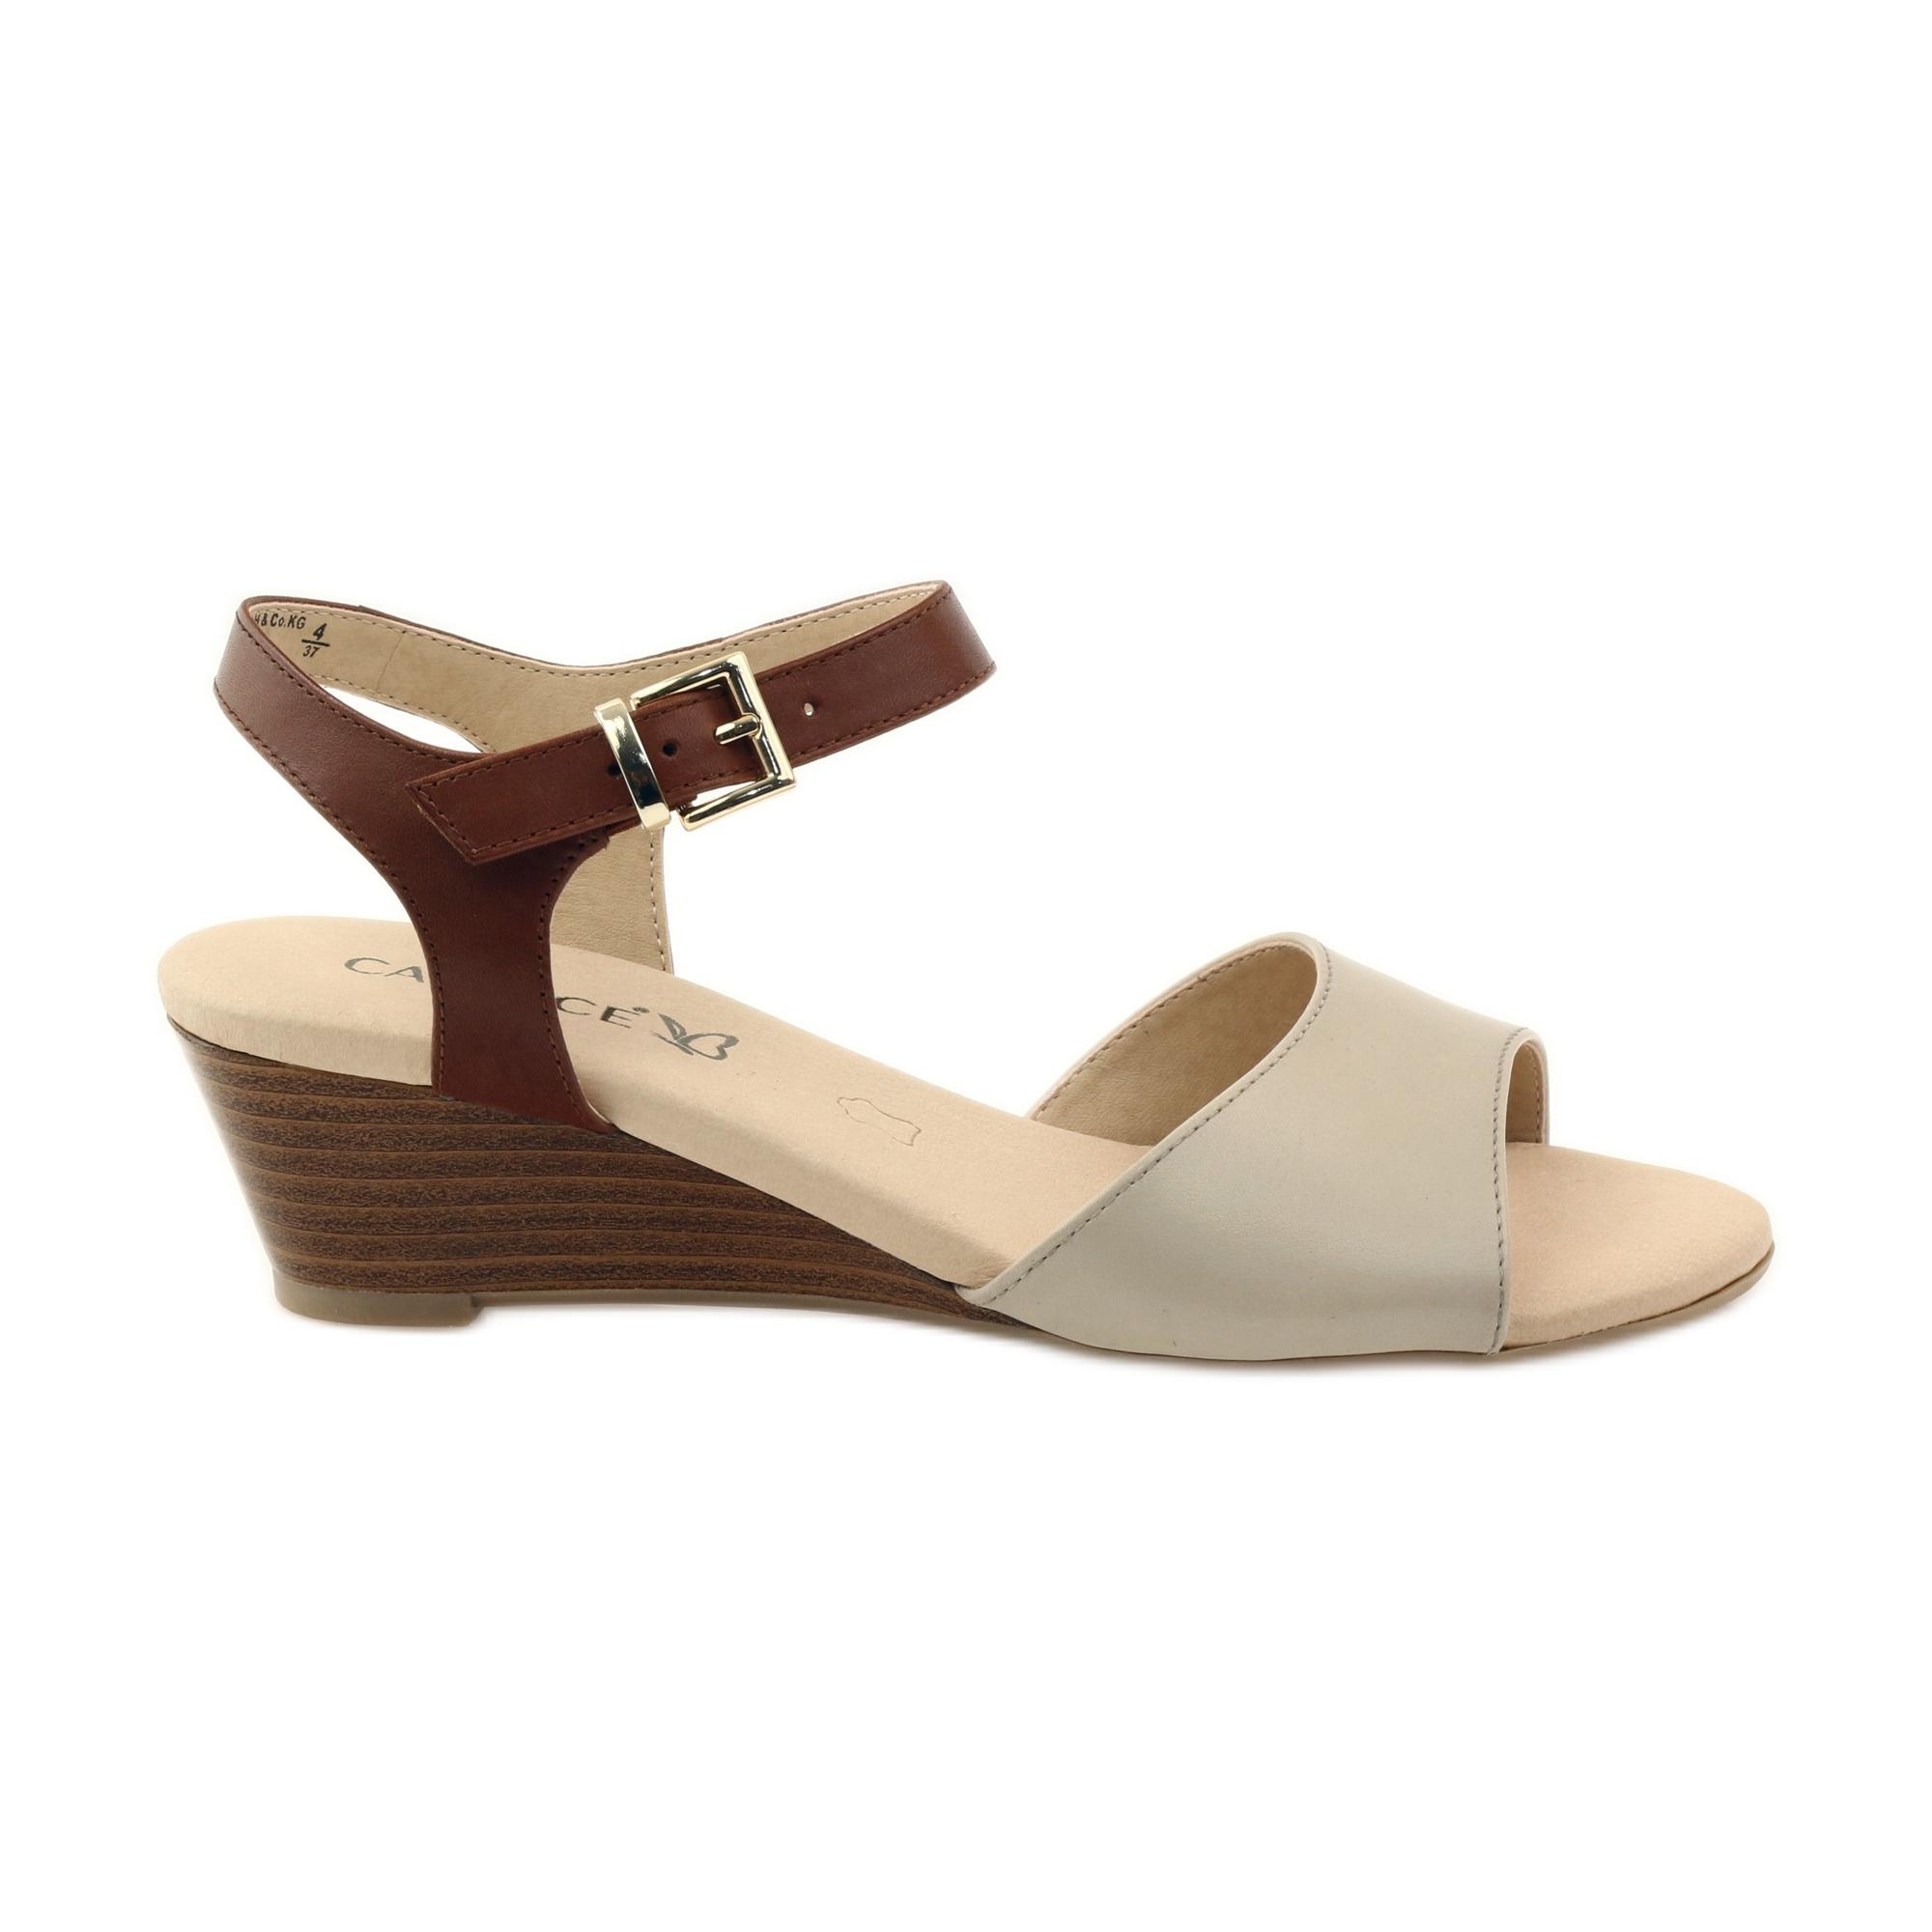 Caprice buty damskie sandały skórzane 28213 brązowe